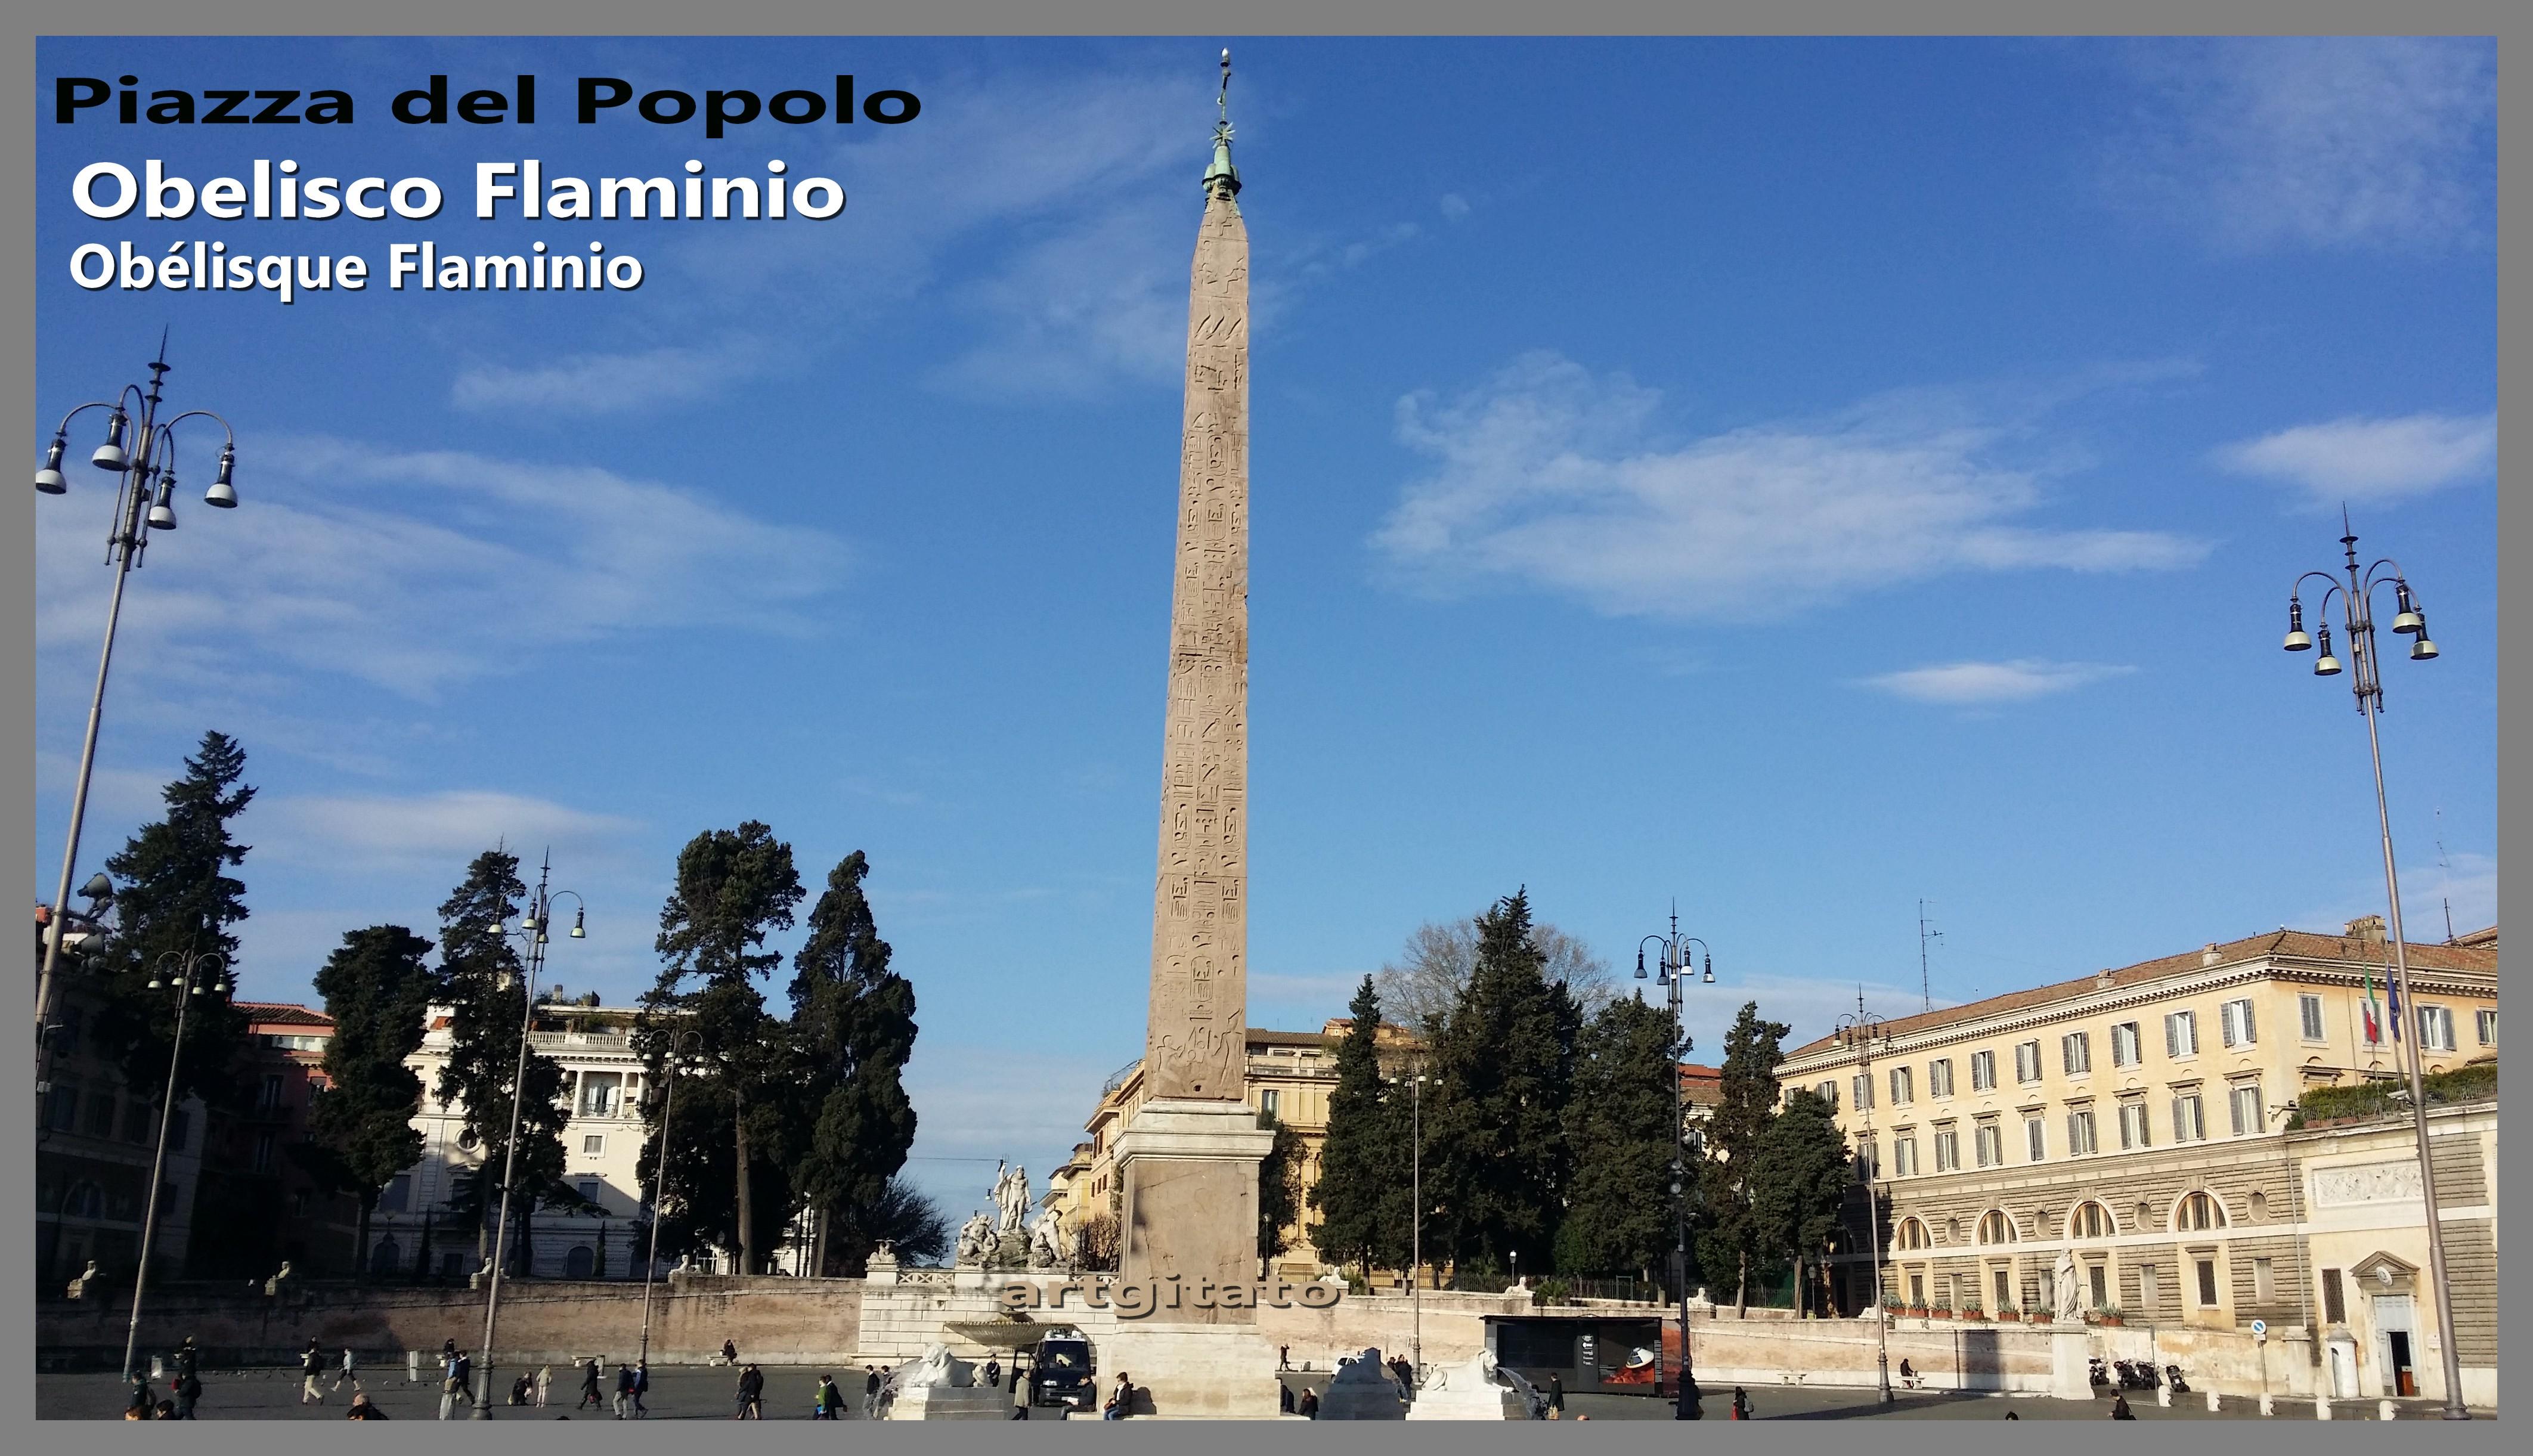 Piazza del Popolo Obelisco Flaminio Obélisque Flaminio